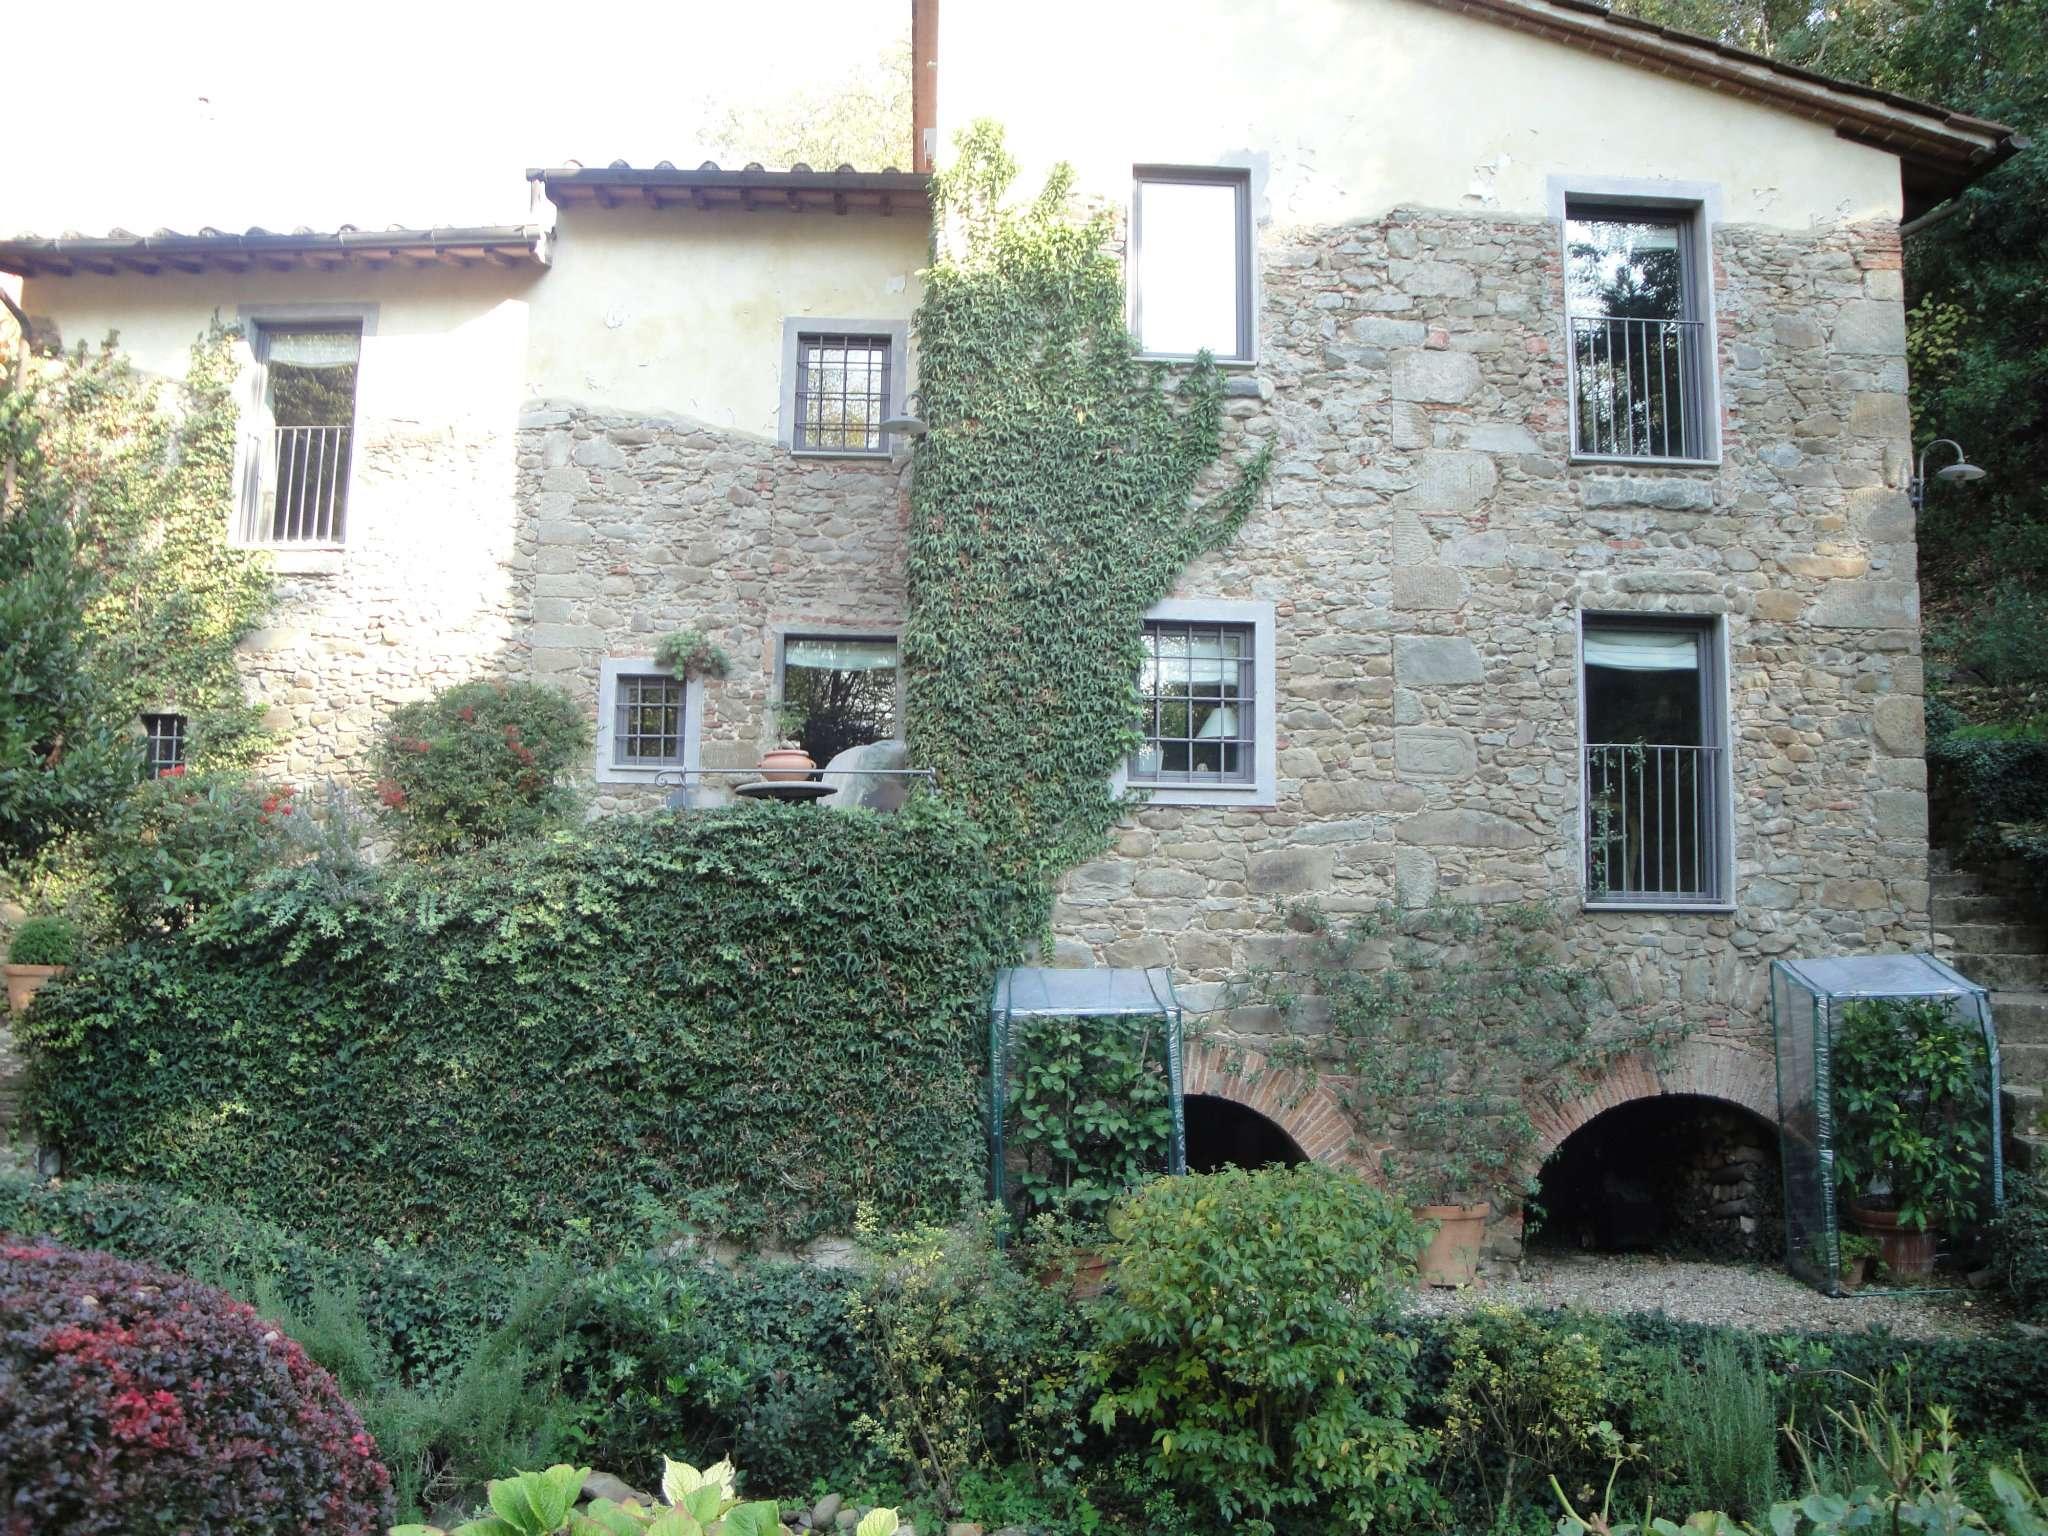 Antico mulino 1700 in vendita waa2 for Casa di 700 metri quadrati in vendita